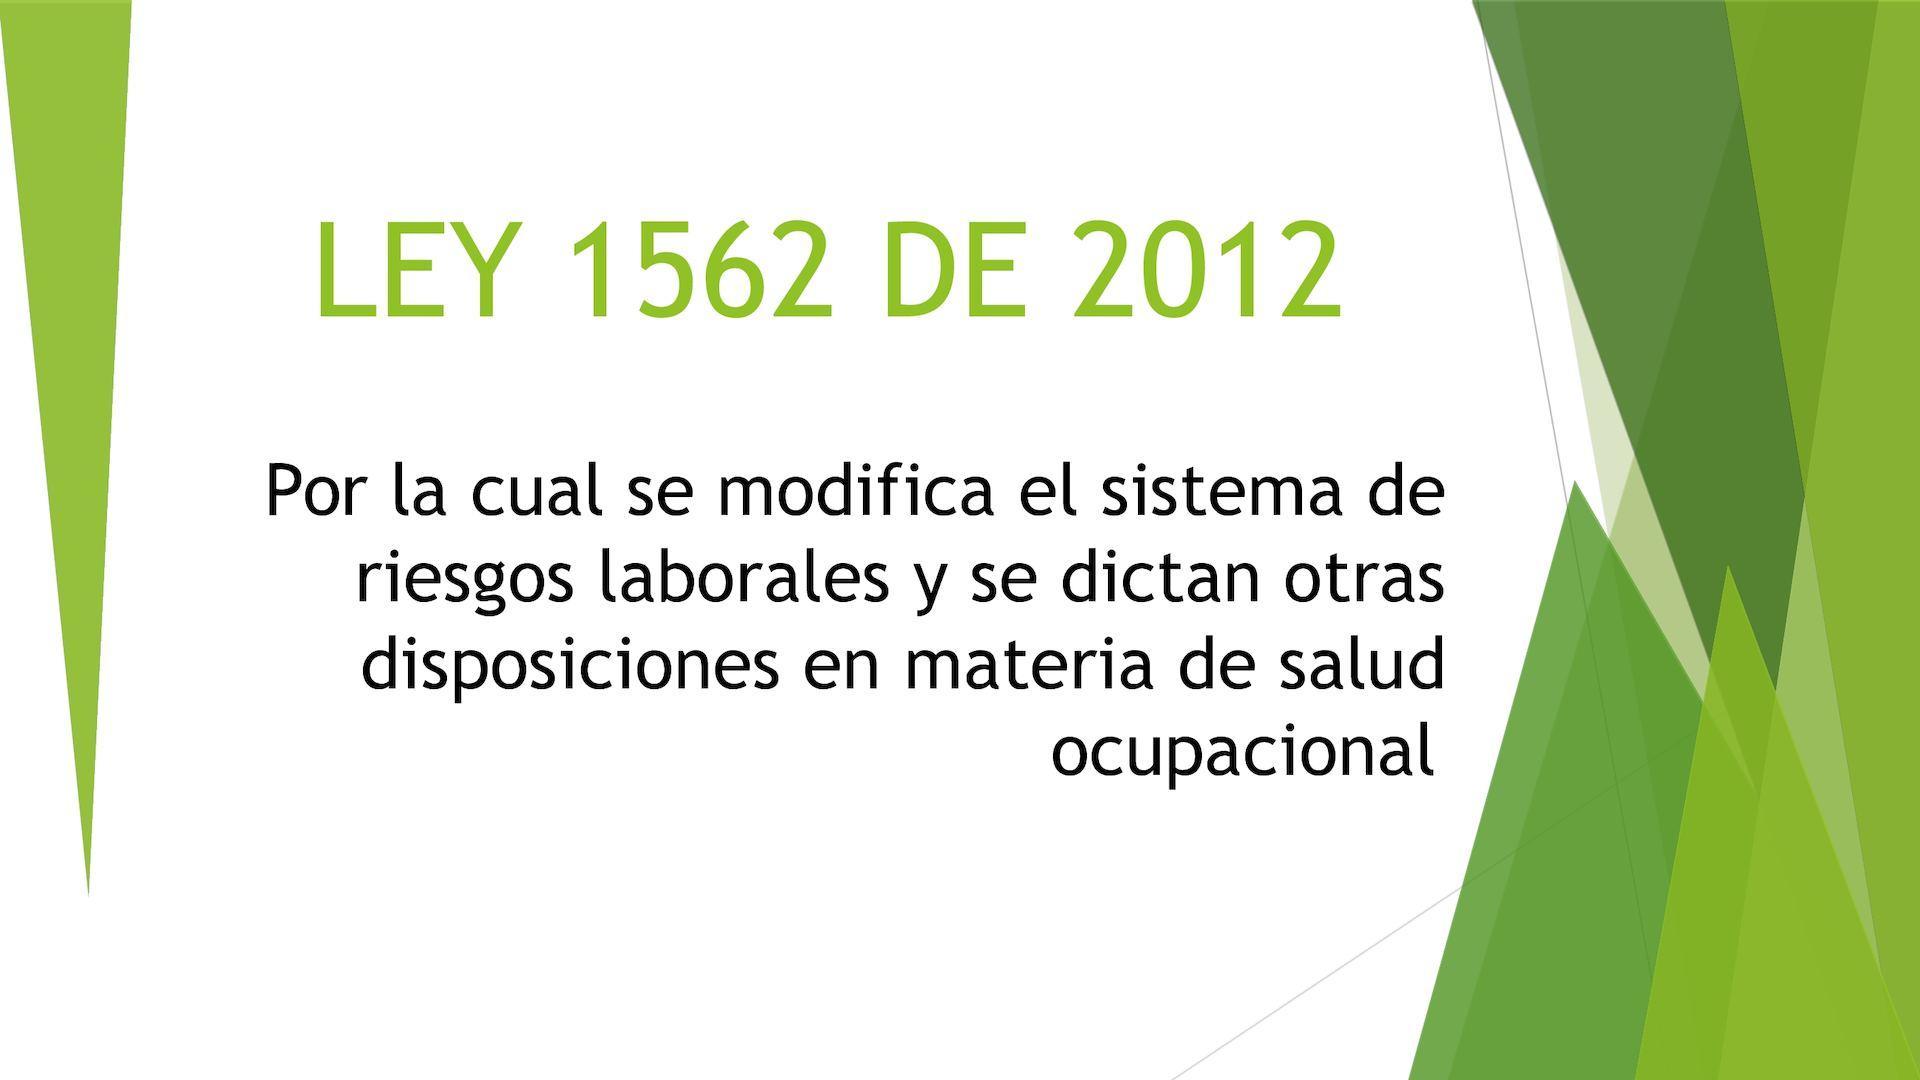 Calameo Ley 1562 De 2012